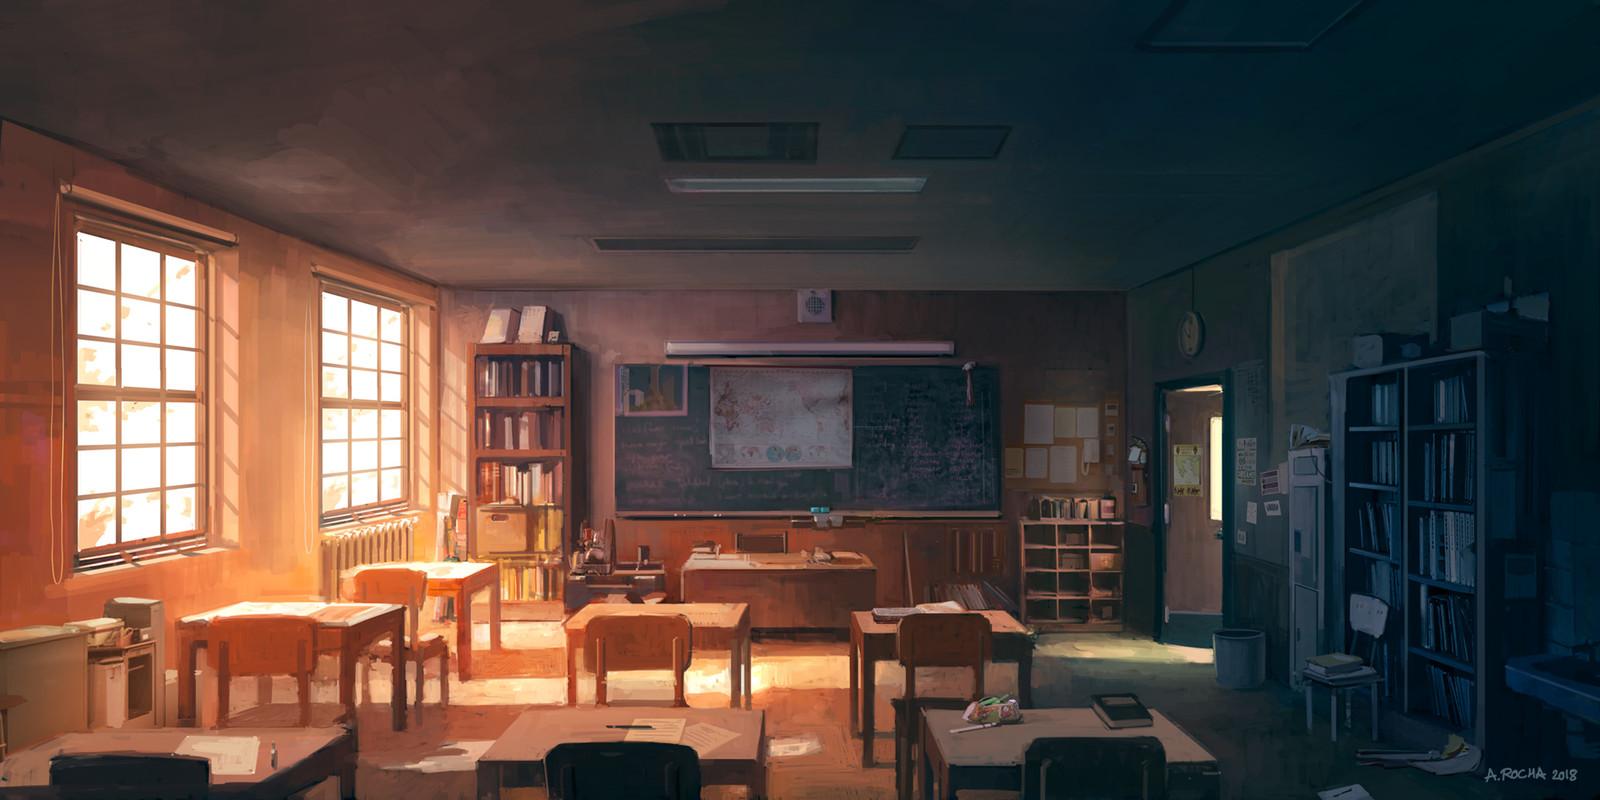 Колонка: Как я выучил английский язык при помощи книг, игр и кино